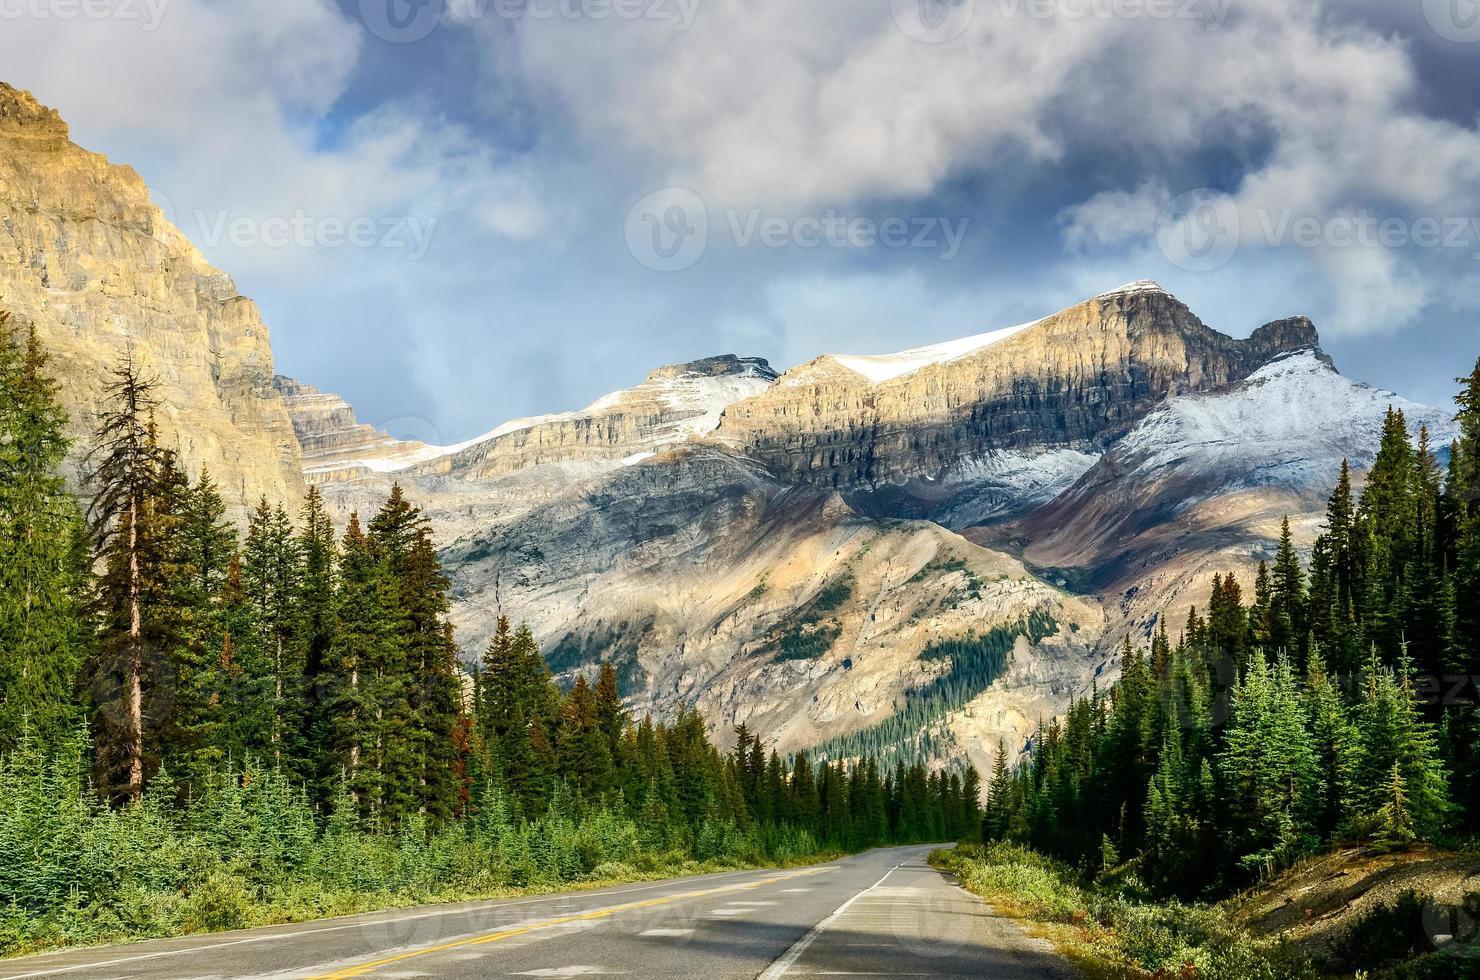 schilderachtig uitzicht op de weg op icefields parkway, canadese rockies foto